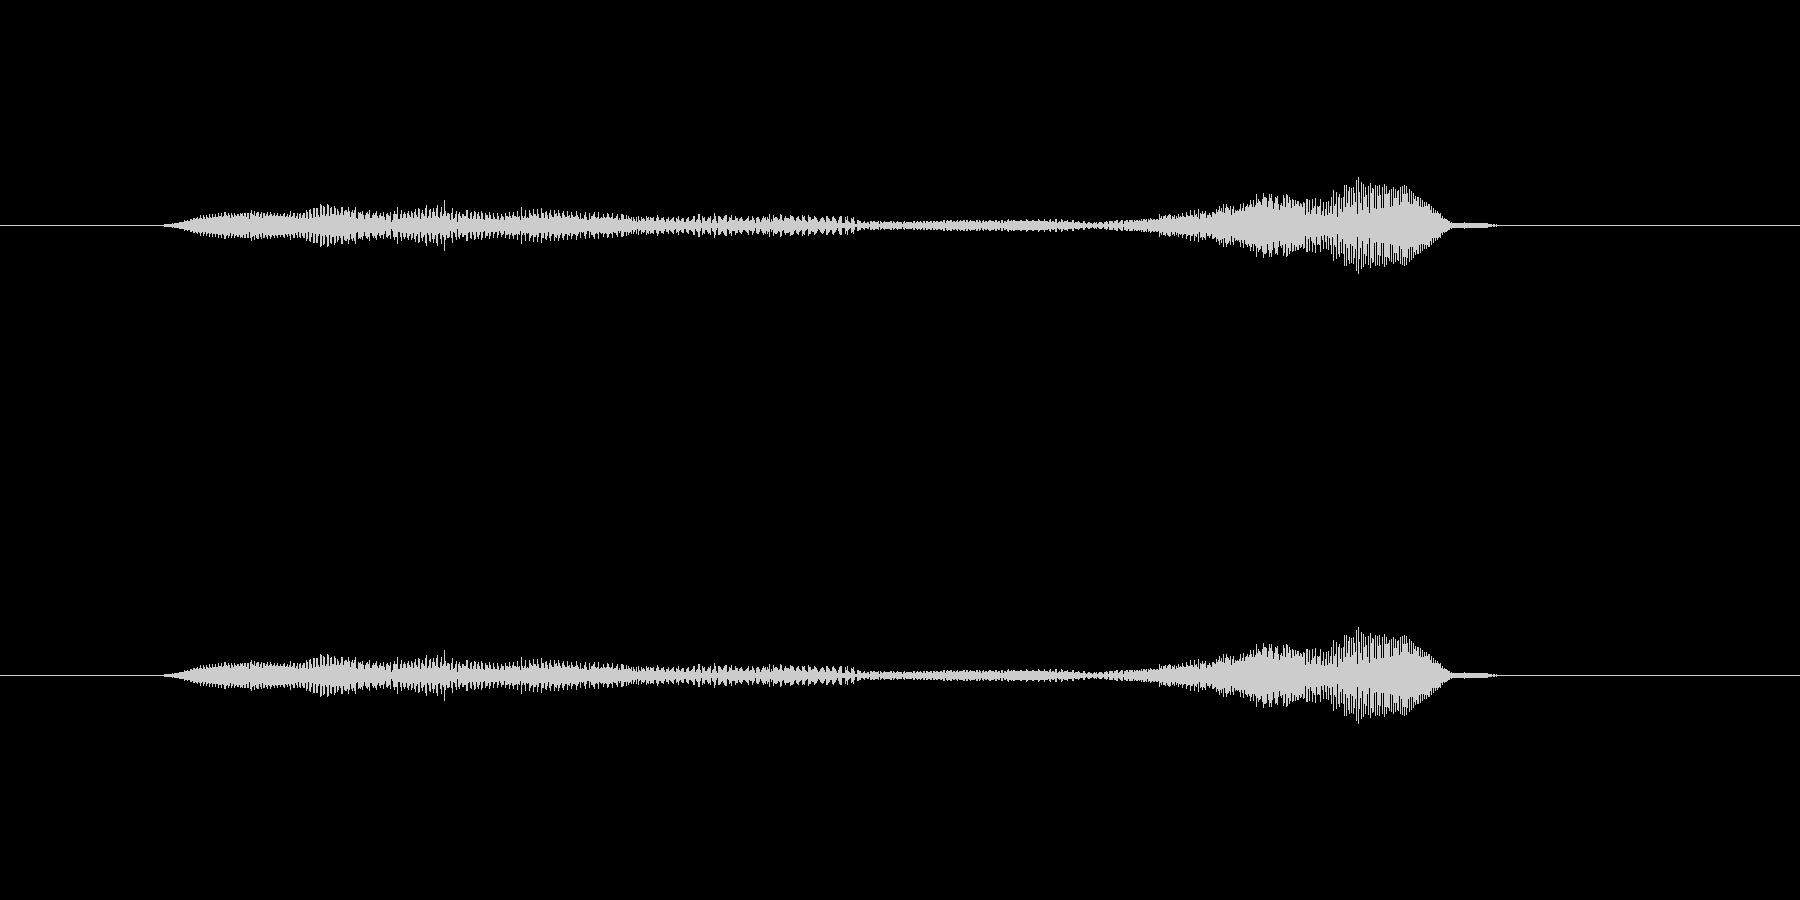 ニャー_猫声-33の未再生の波形